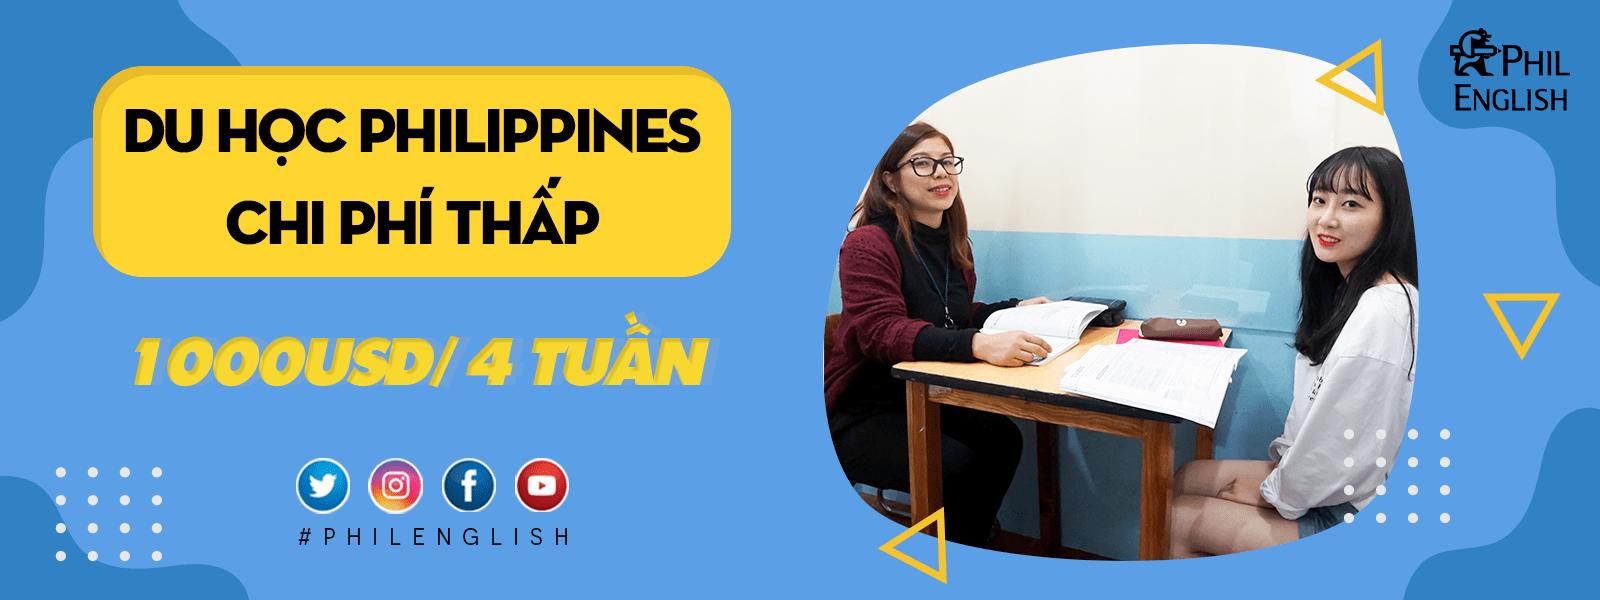 du-hoc-philippines-chi-phi-thap